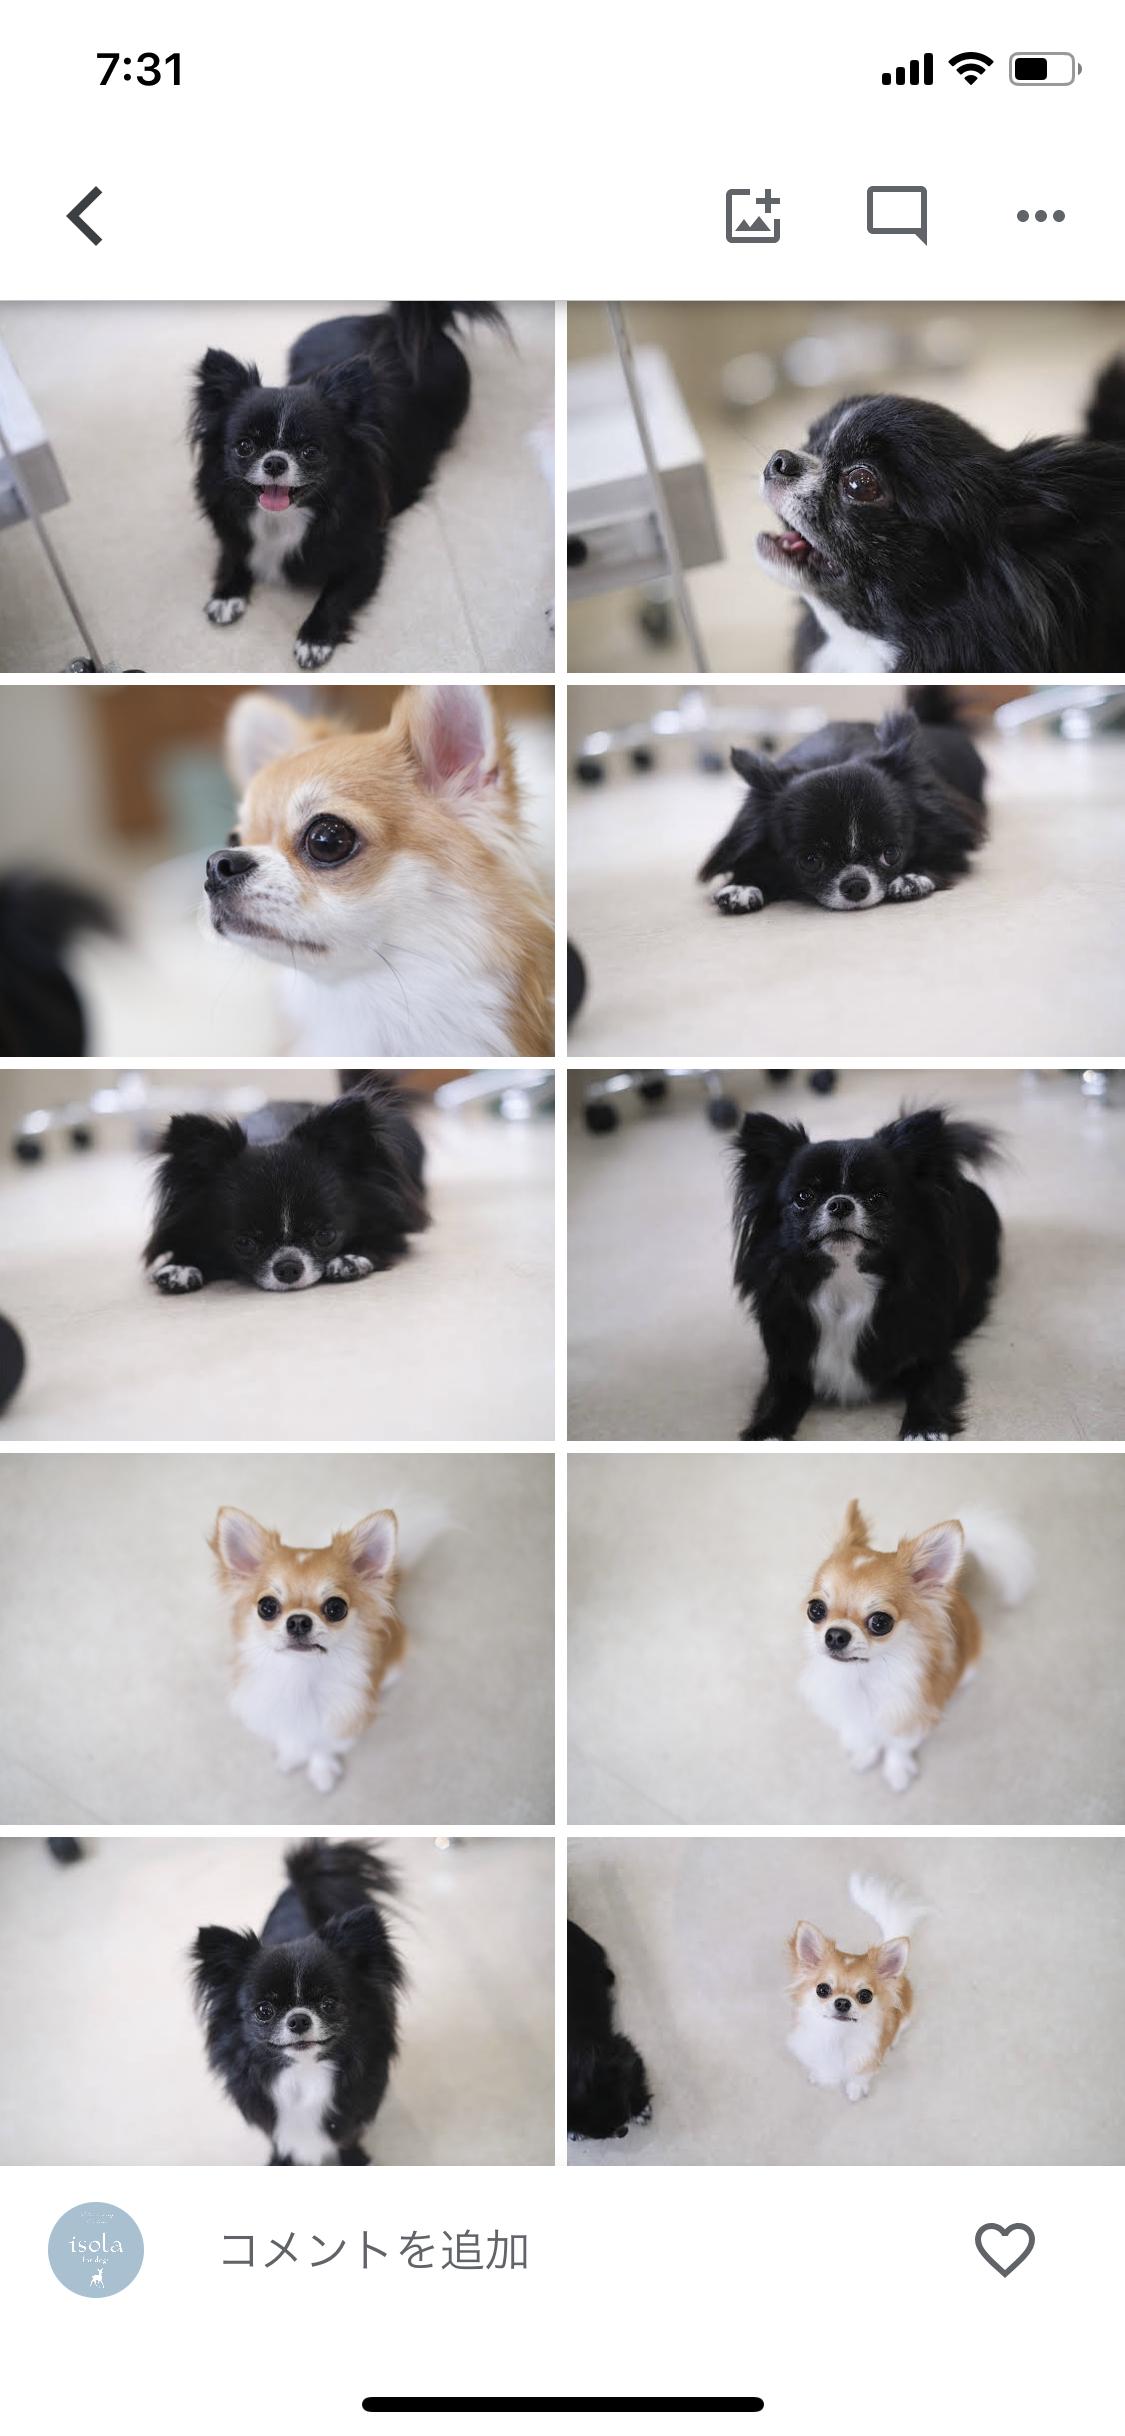 インスタ映えする犬写真